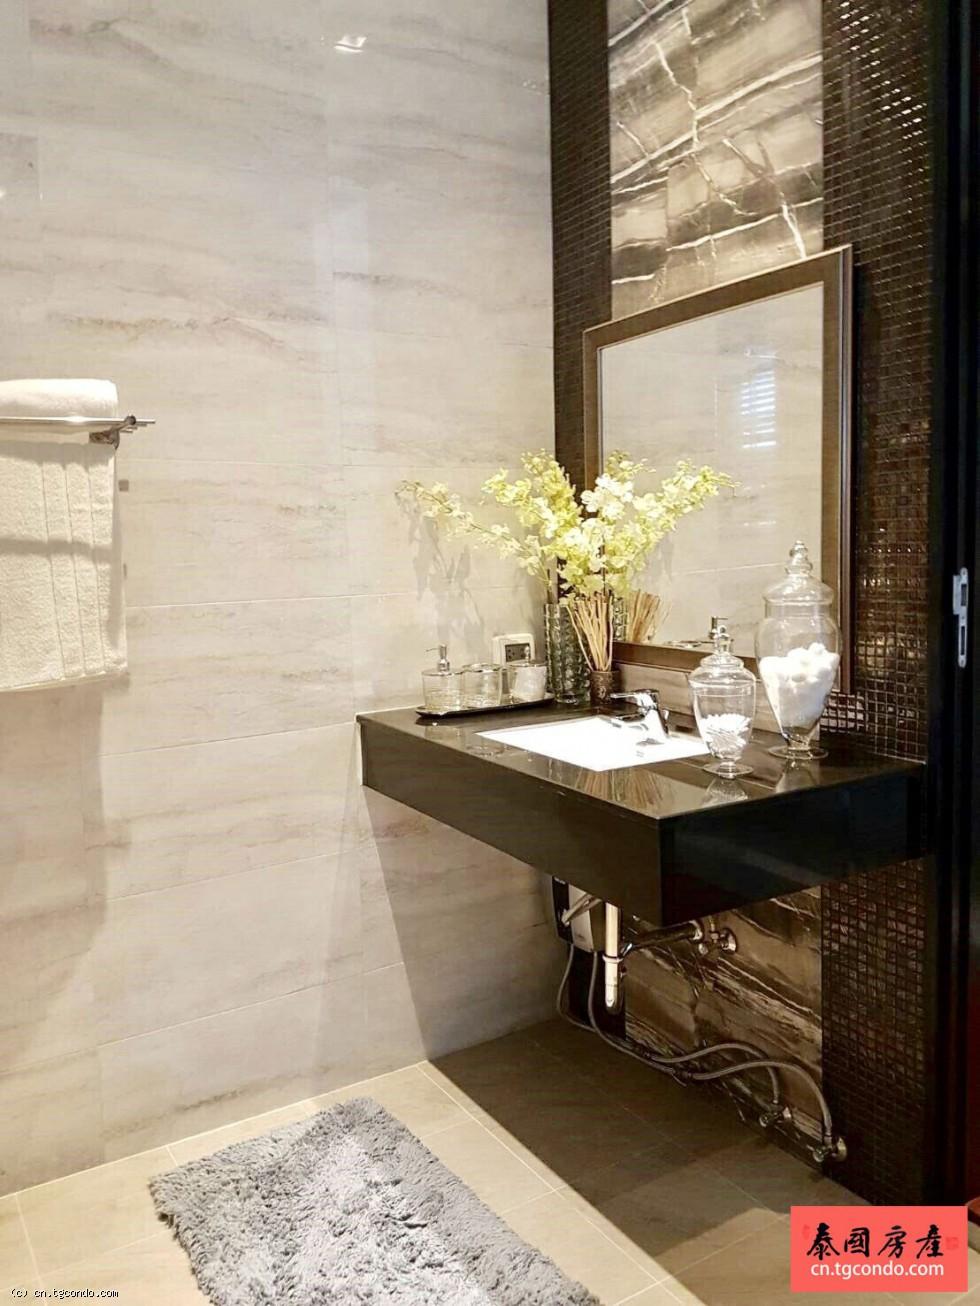 清迈最高品质豪华别墅项目 Himma Luxury Home